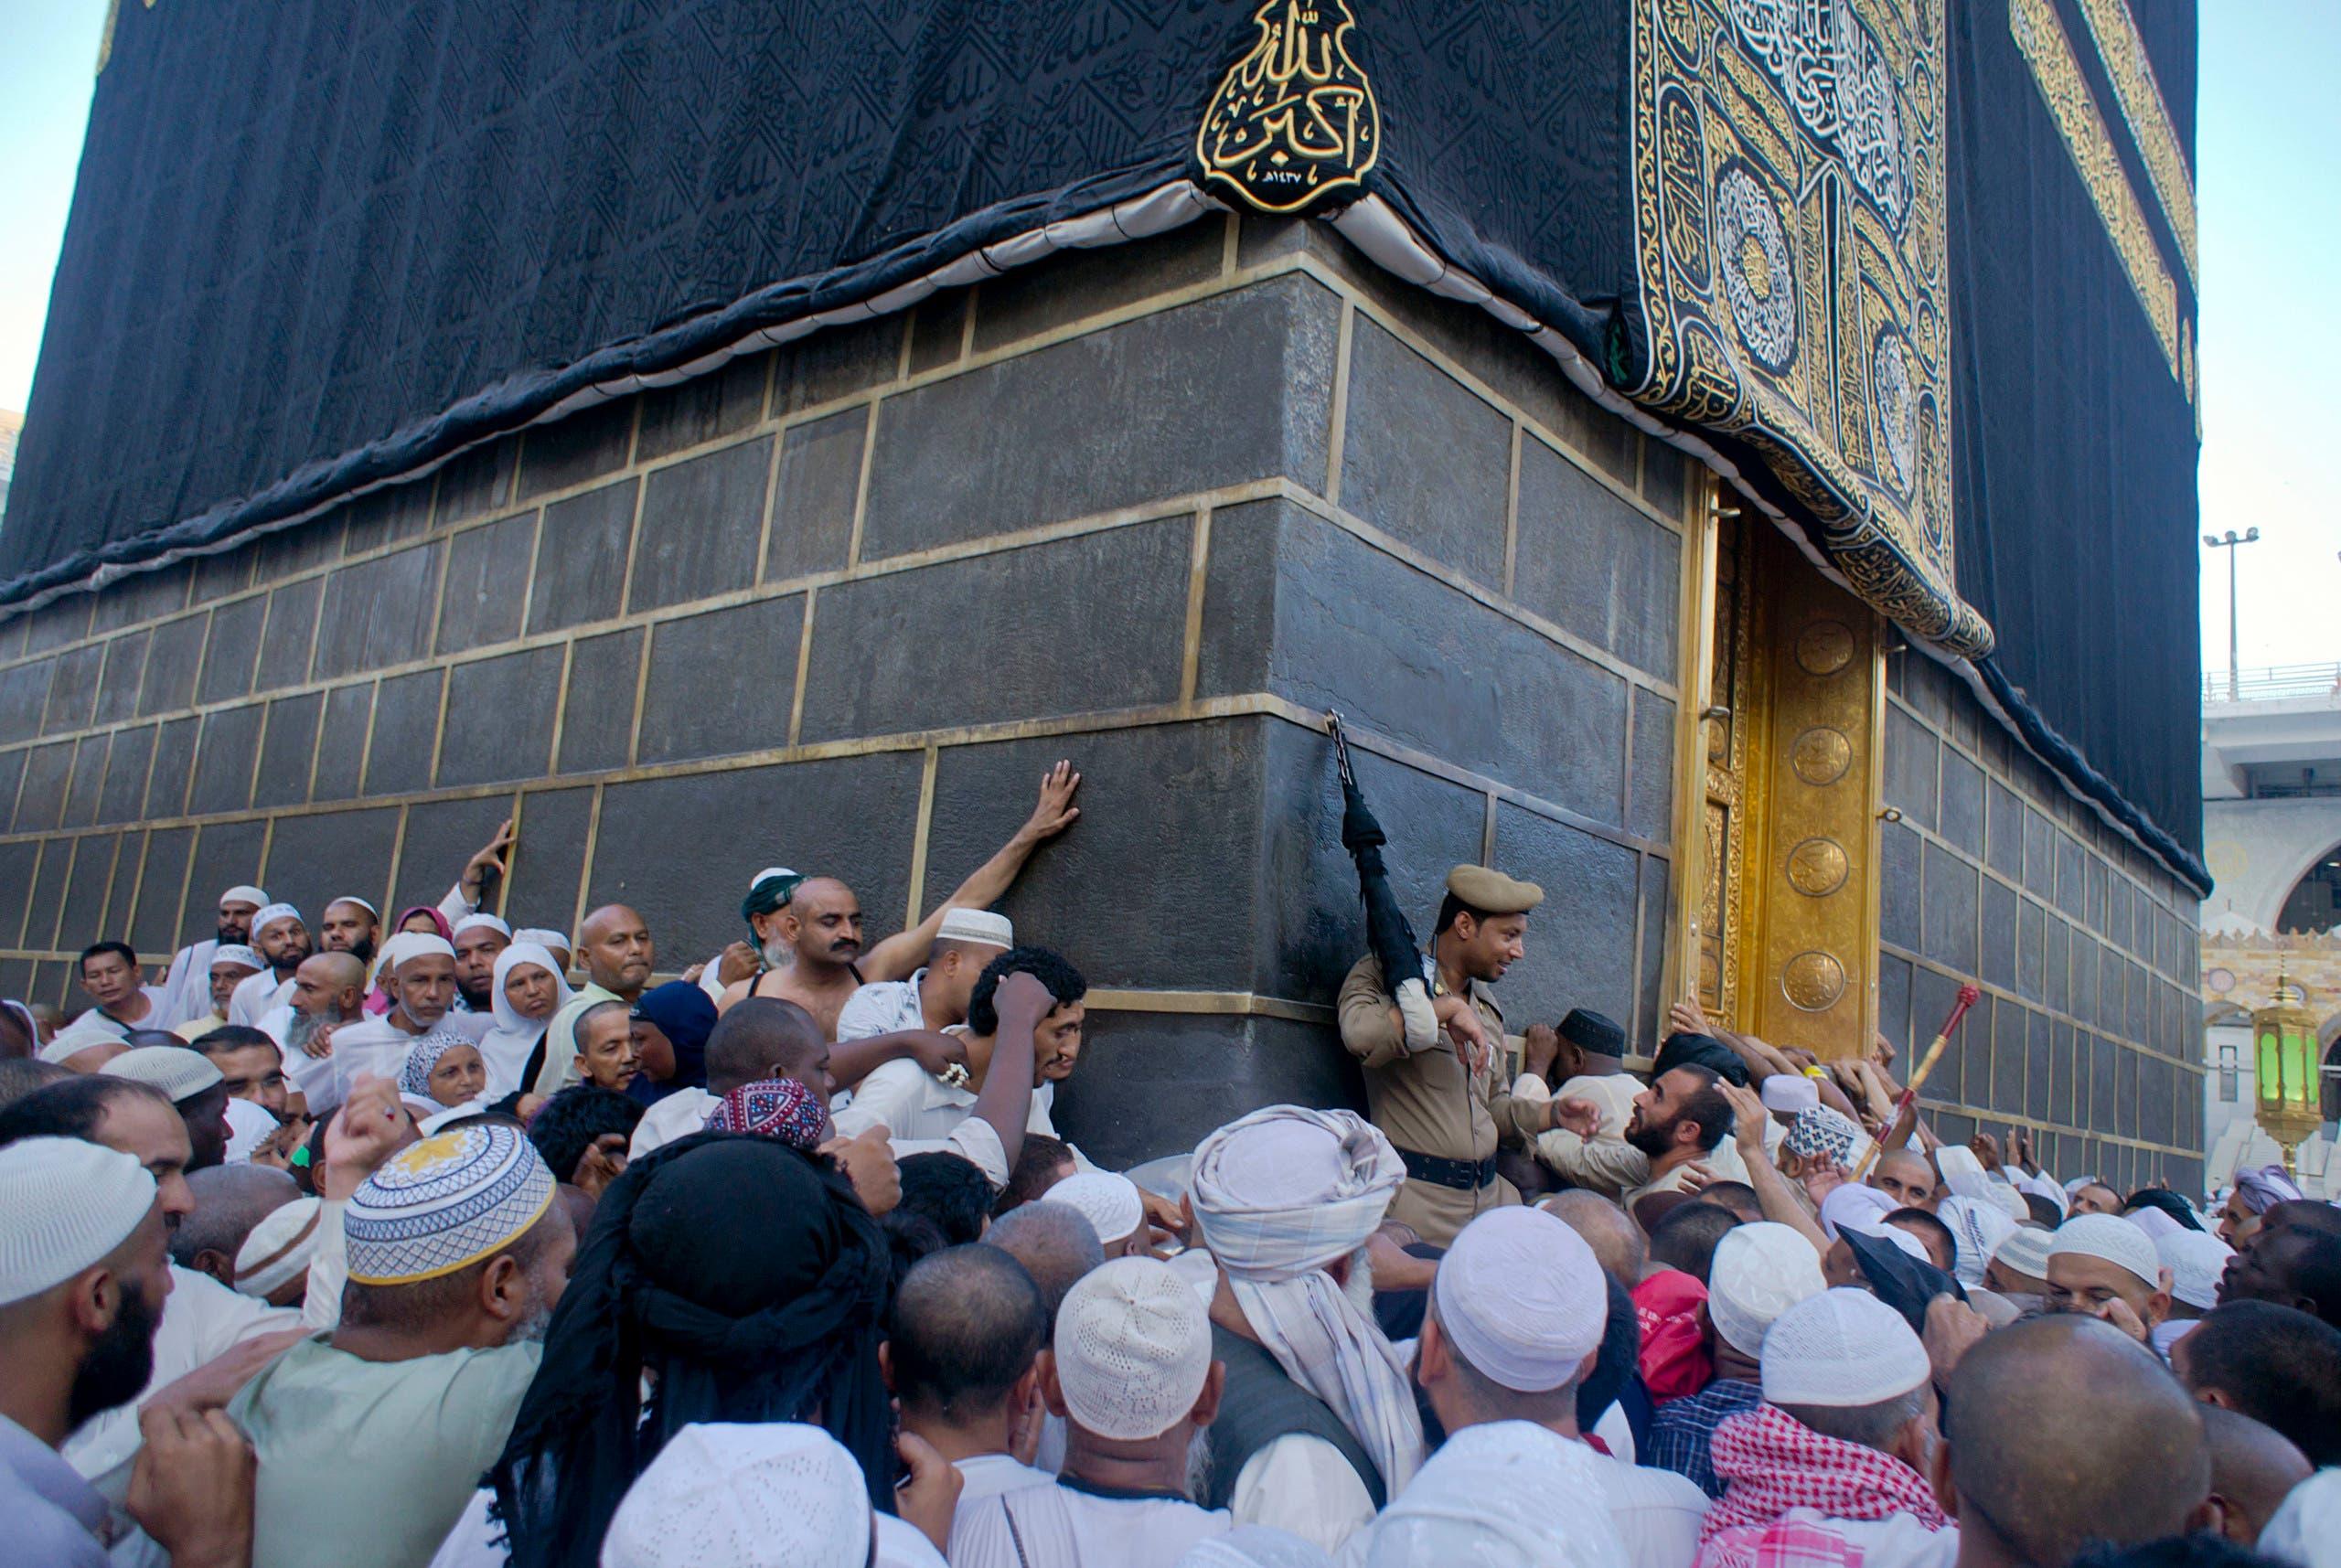 زائرین عمرہ مسجدالحرام میں کعبۃ اللہ کا طواف کررہے ہیں۔